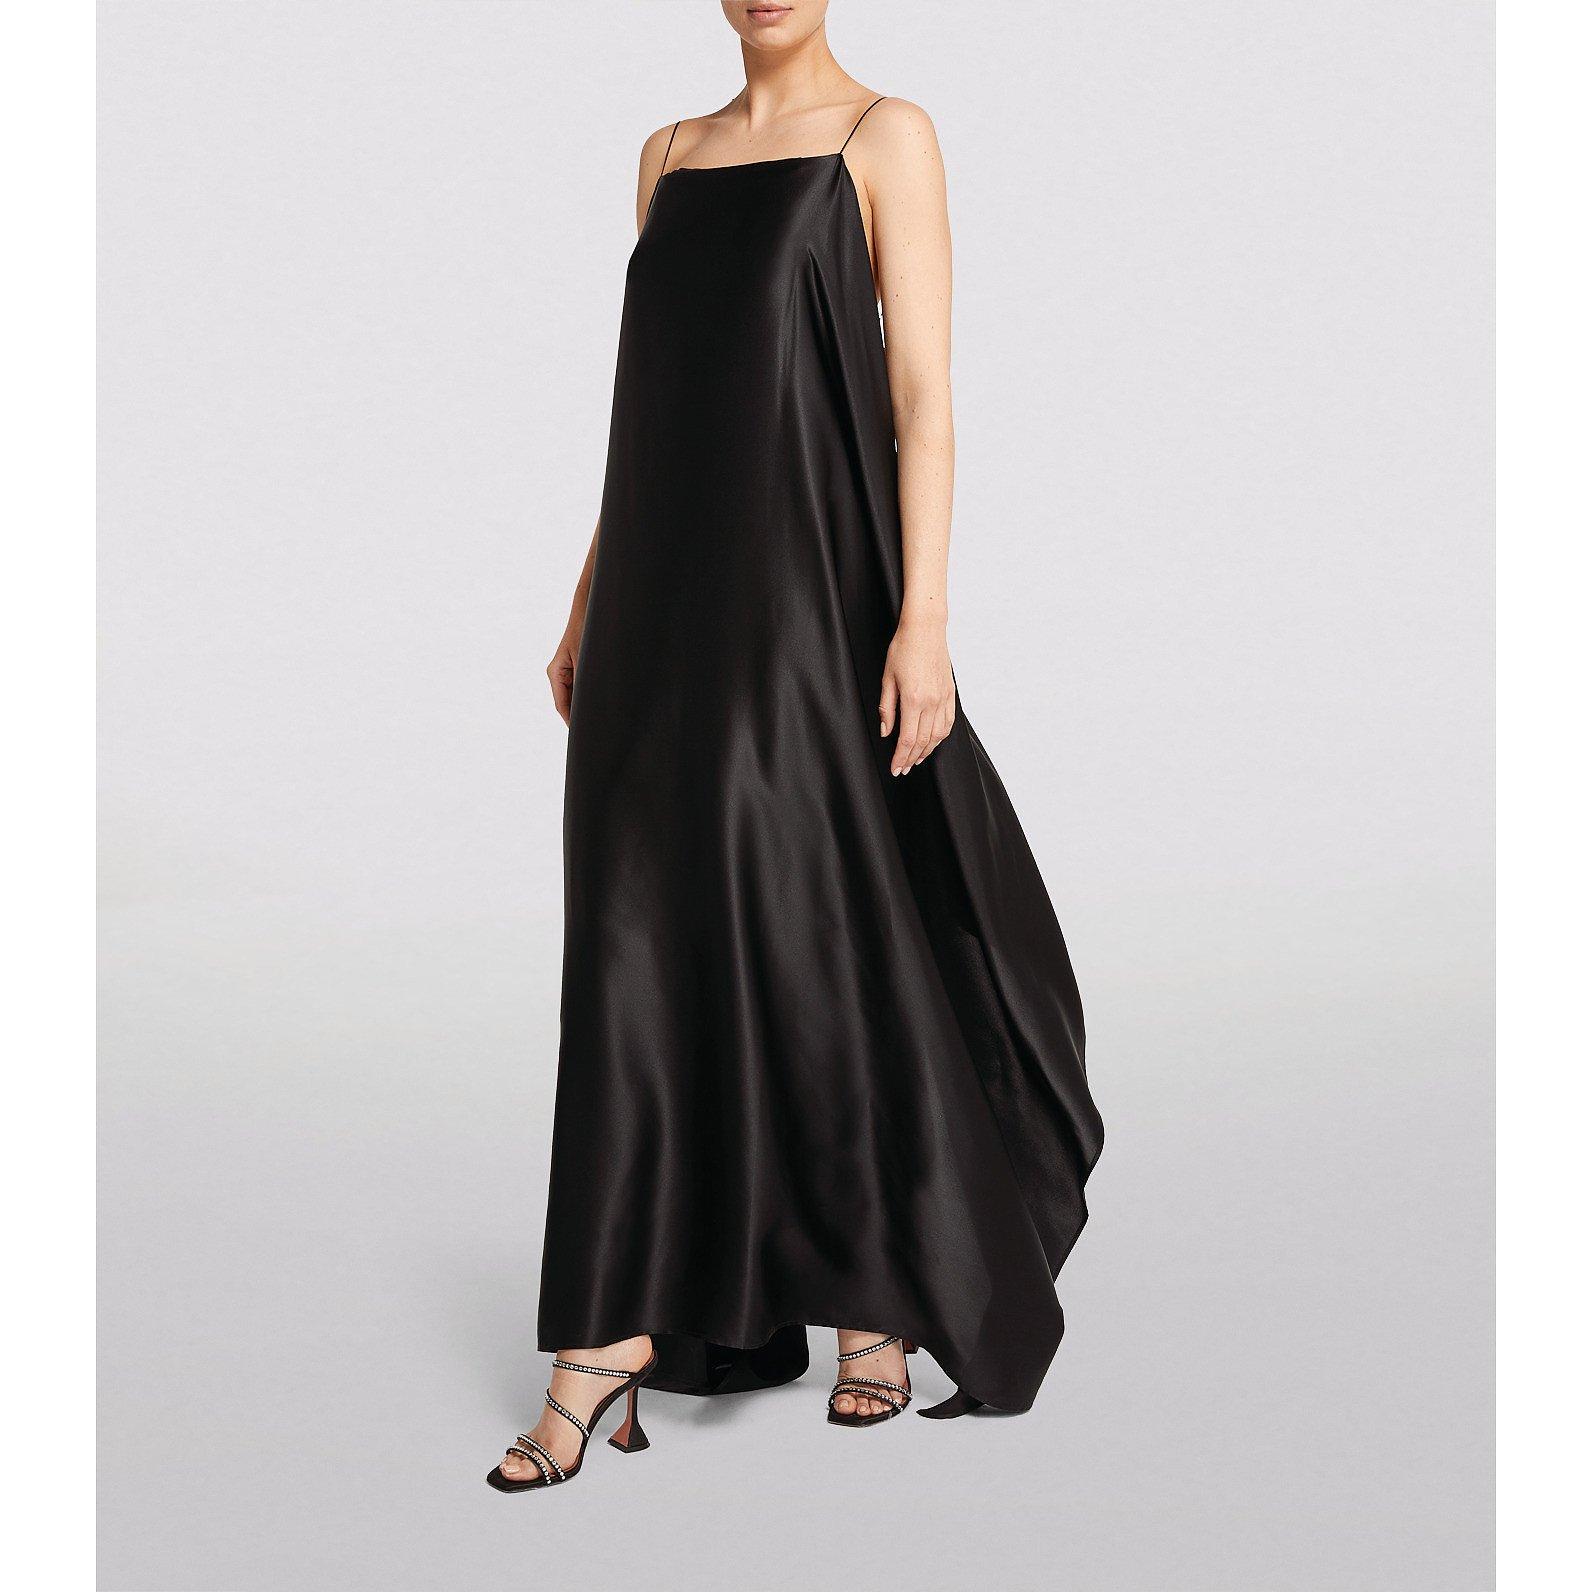 Bernadette Meredith Silk Maxi Dress